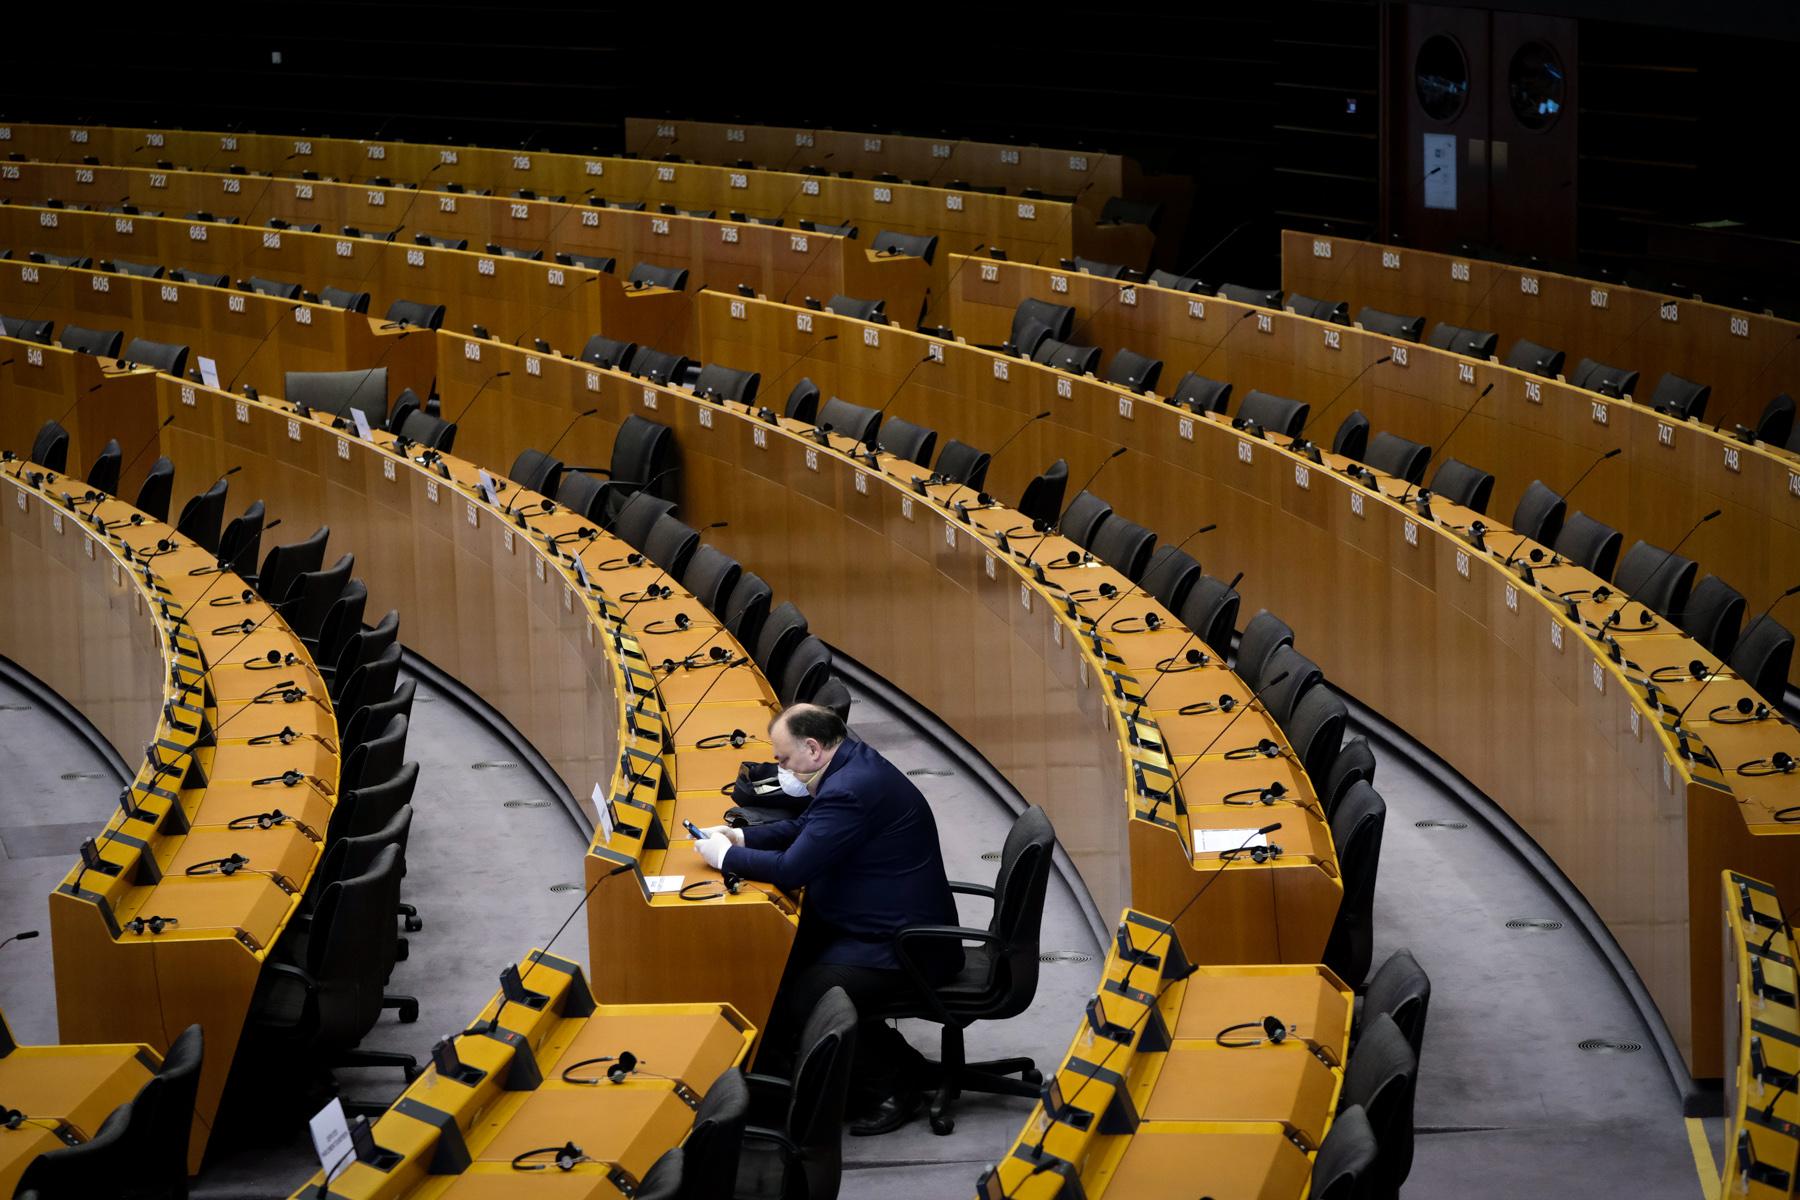 Μέλος του Ευρωπαϊκού Κοινοβουλίου με προστατευτική μάσκα και γάντια κατά τη διάρκεια της ειδικής συνόδου της ΕΕ για την έγκριση ειδικών μέτρων για τη μείωση των οικονομικών επιπτώσεων από την νόσο του COVID-19. Βρυξέλλες, 26 Μαρτίου 2020 H φωτογραφία απέσπασε το Χάλκινο Βραβείο κατά την απονομή των βραβείων Prix de la Photographie, Paris (PX3) για το 2020.